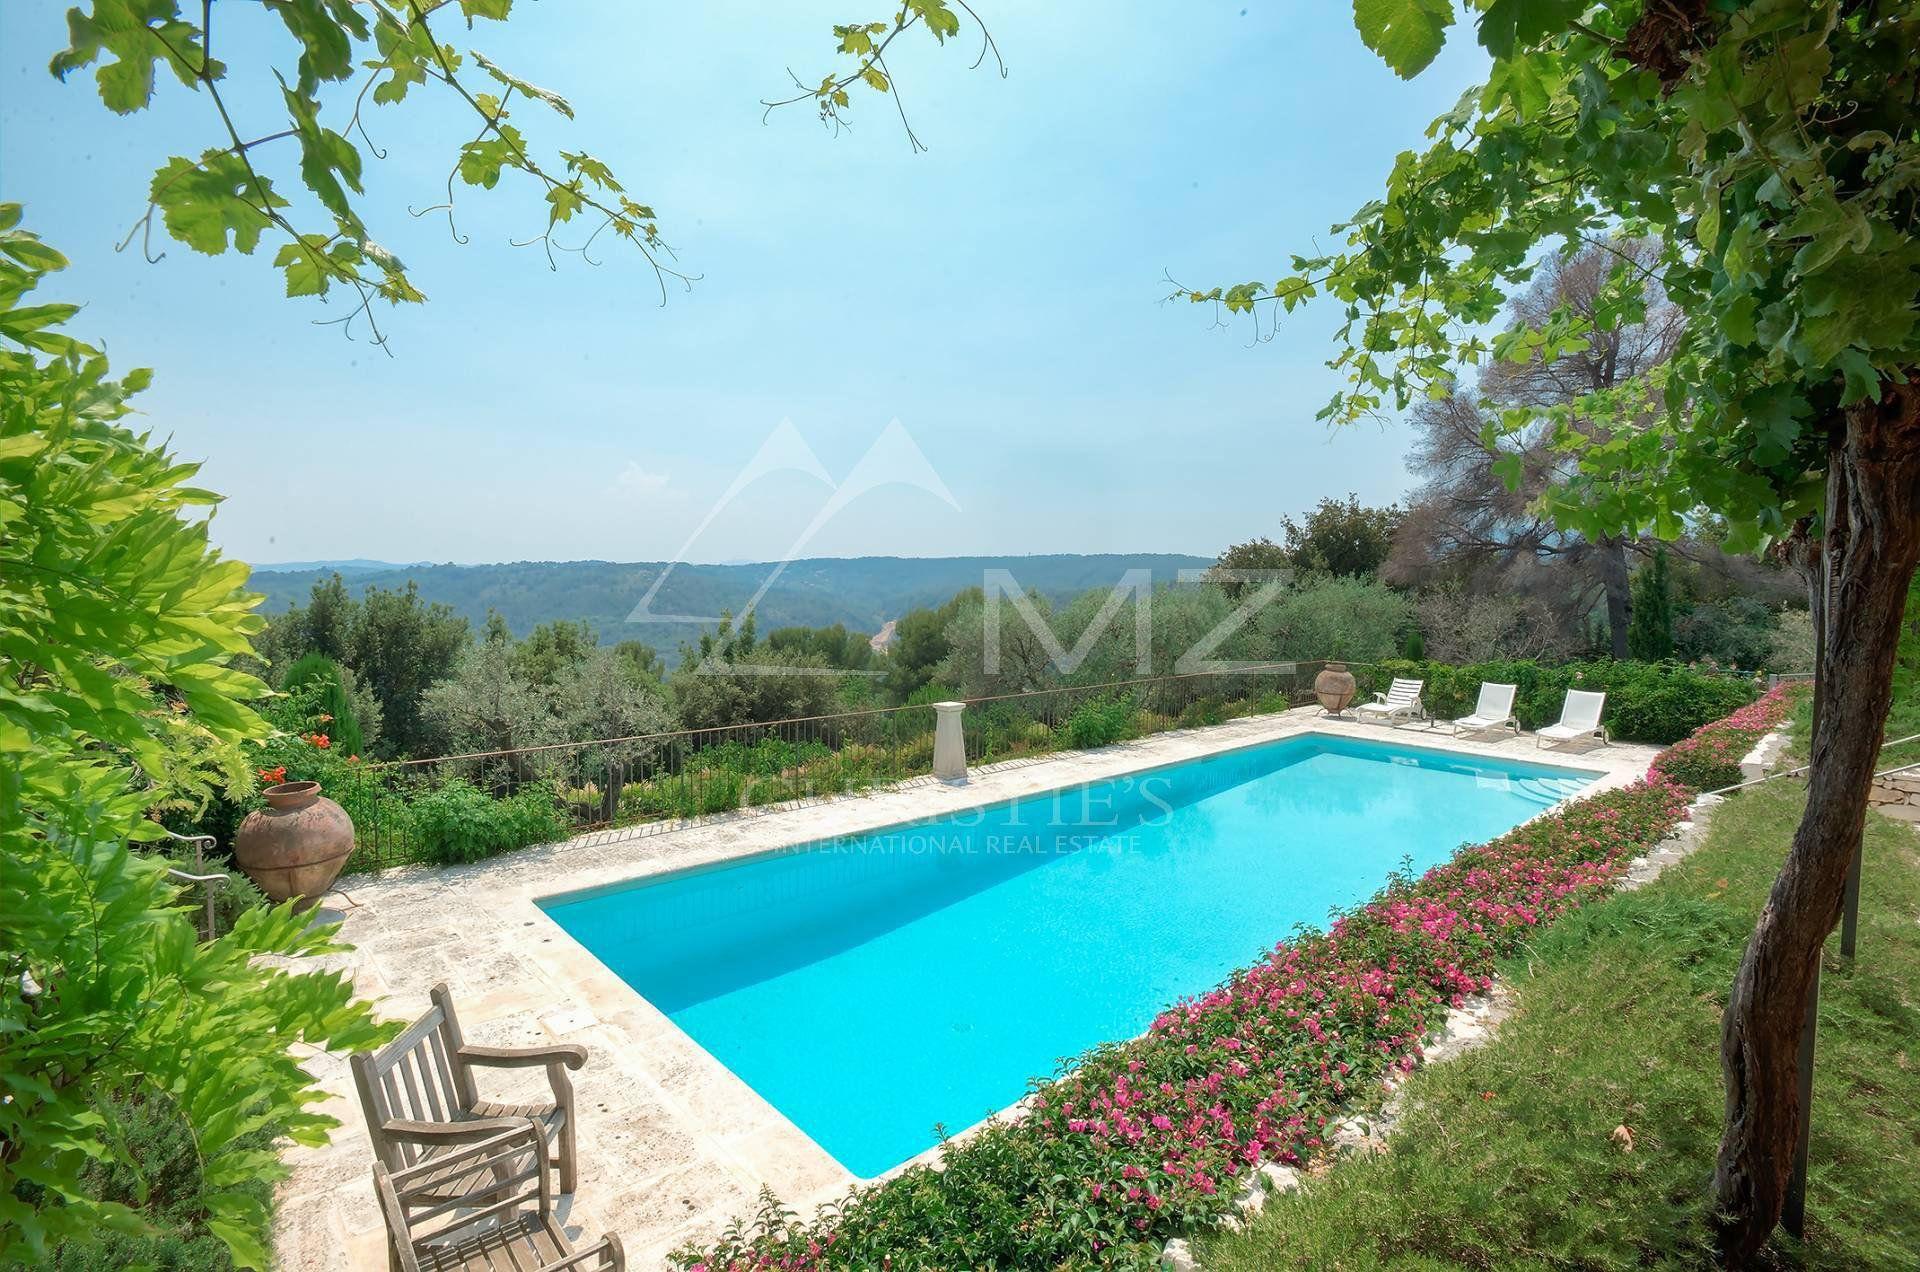 La Colle-sur-Loup - Charming Provencal property